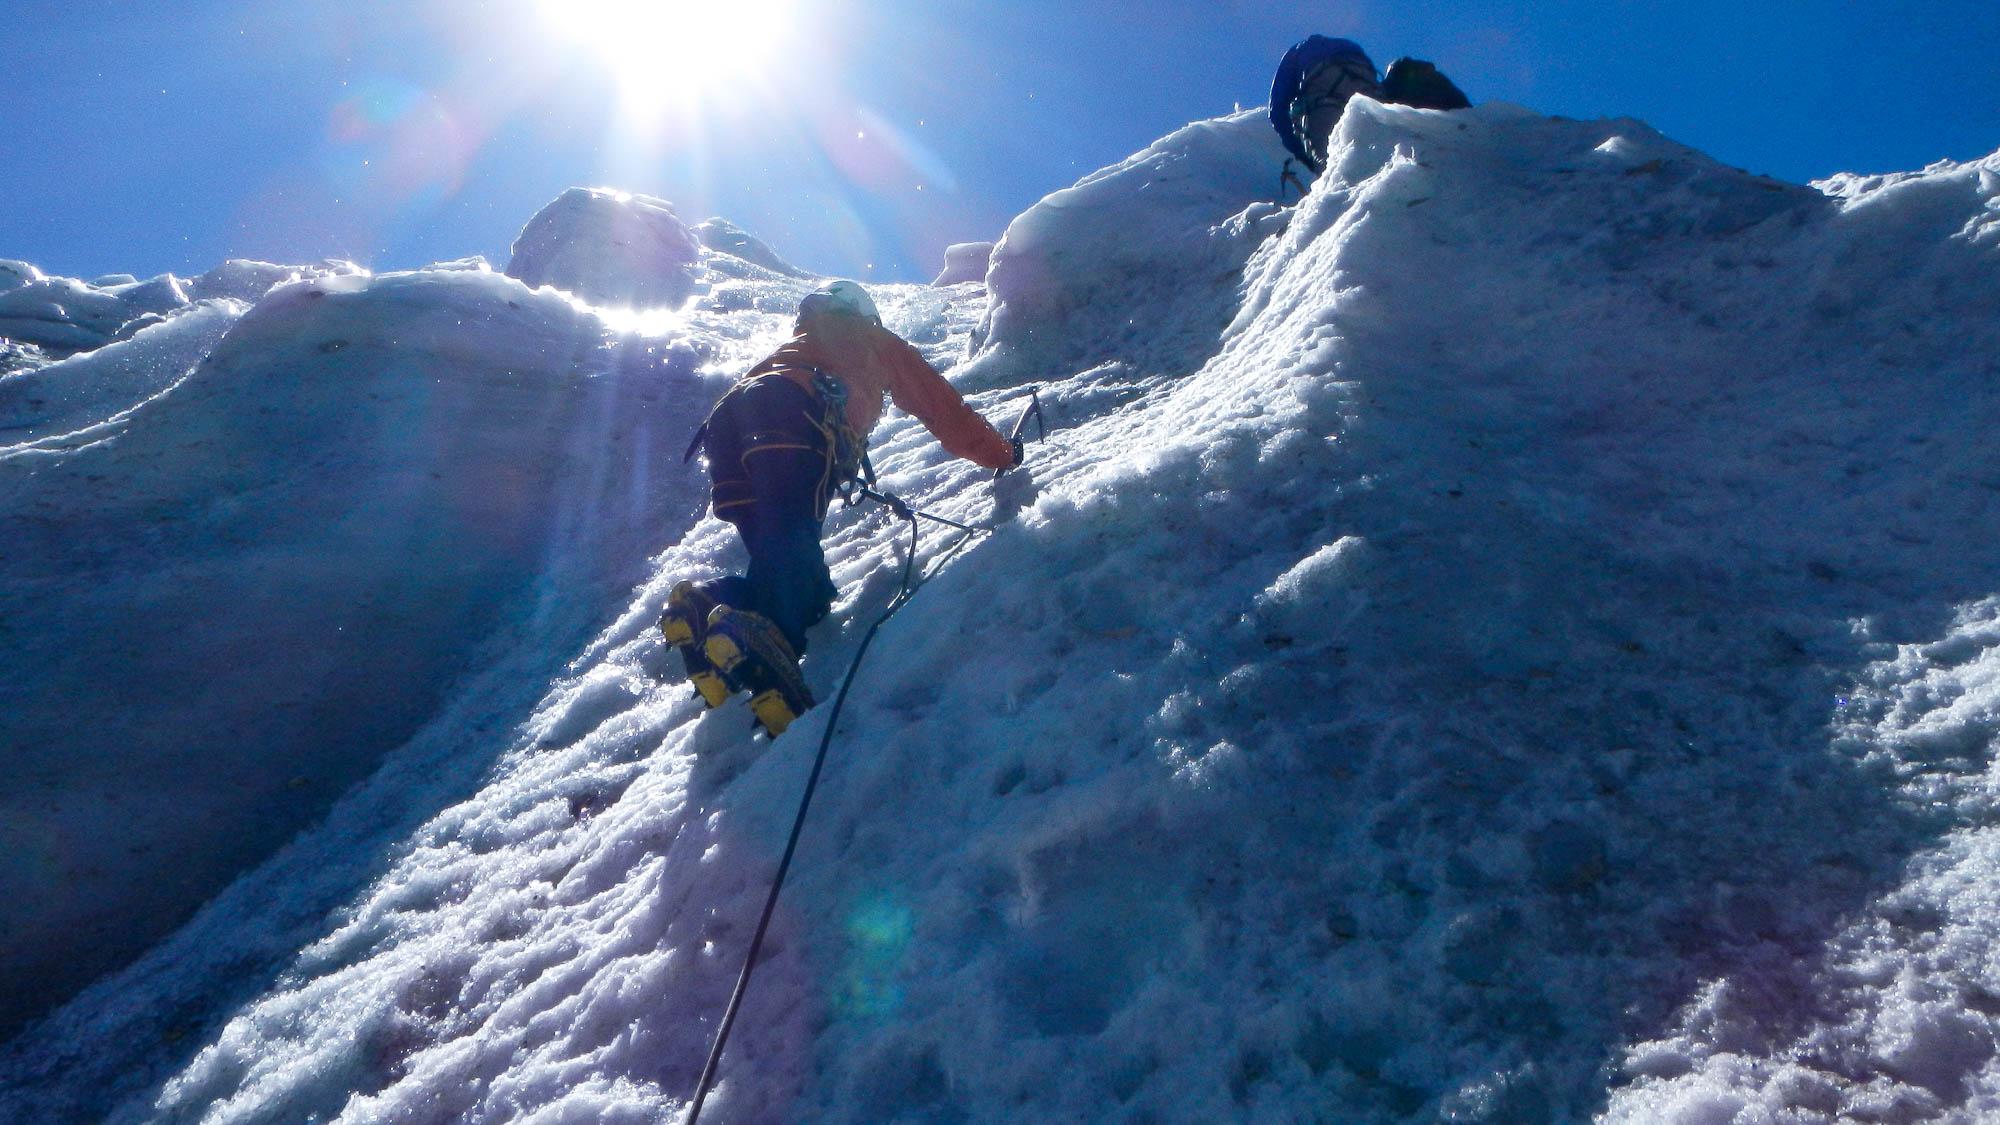 La progresión en hielo fue parte de la primera etapa del curso.